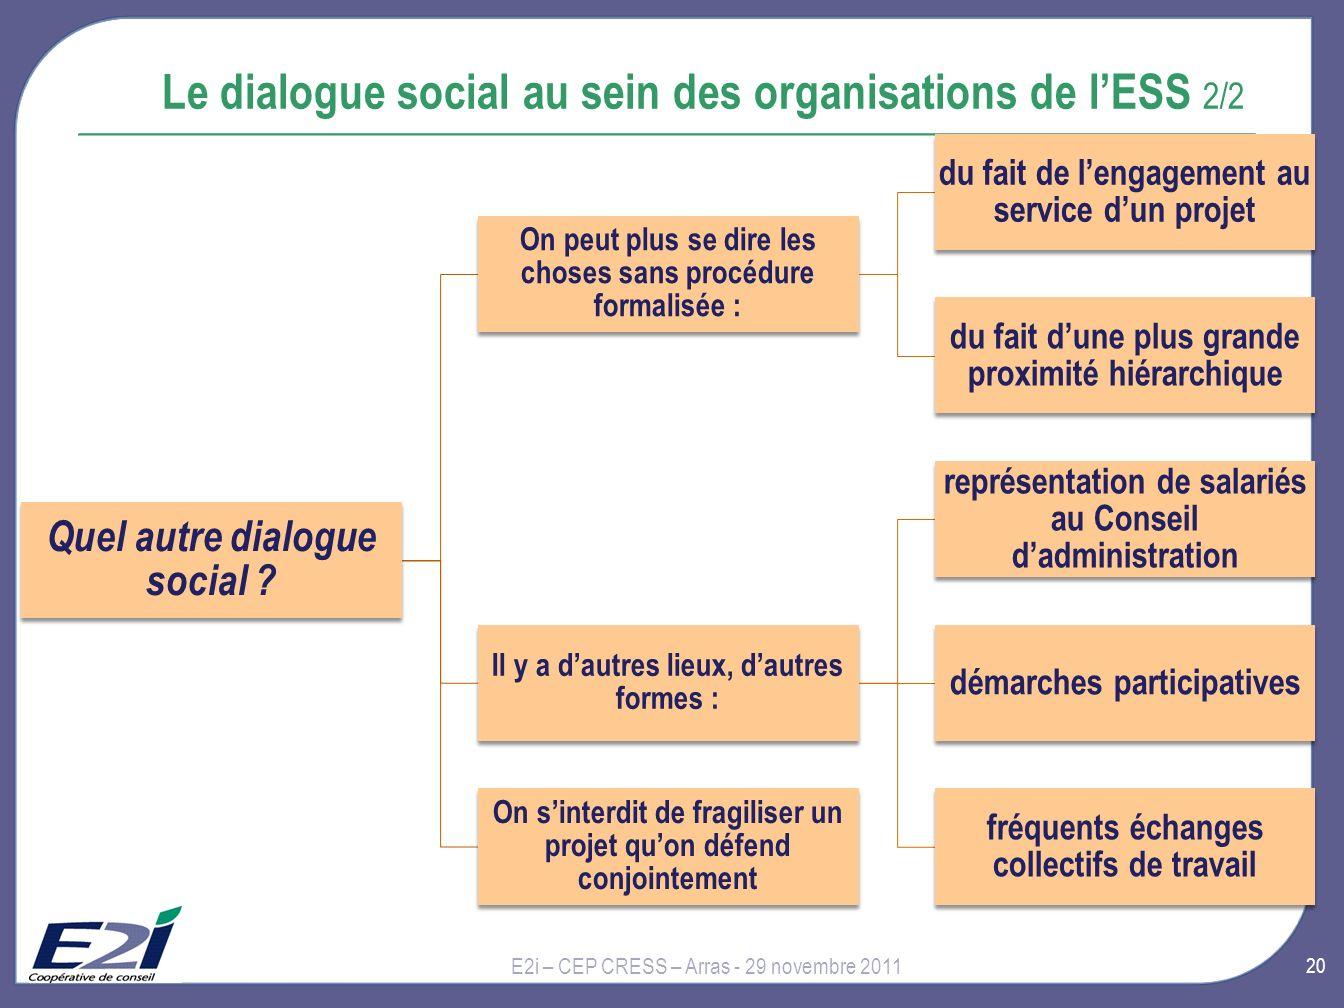 Le dialogue social au sein des organisations de l'ESS 2/2